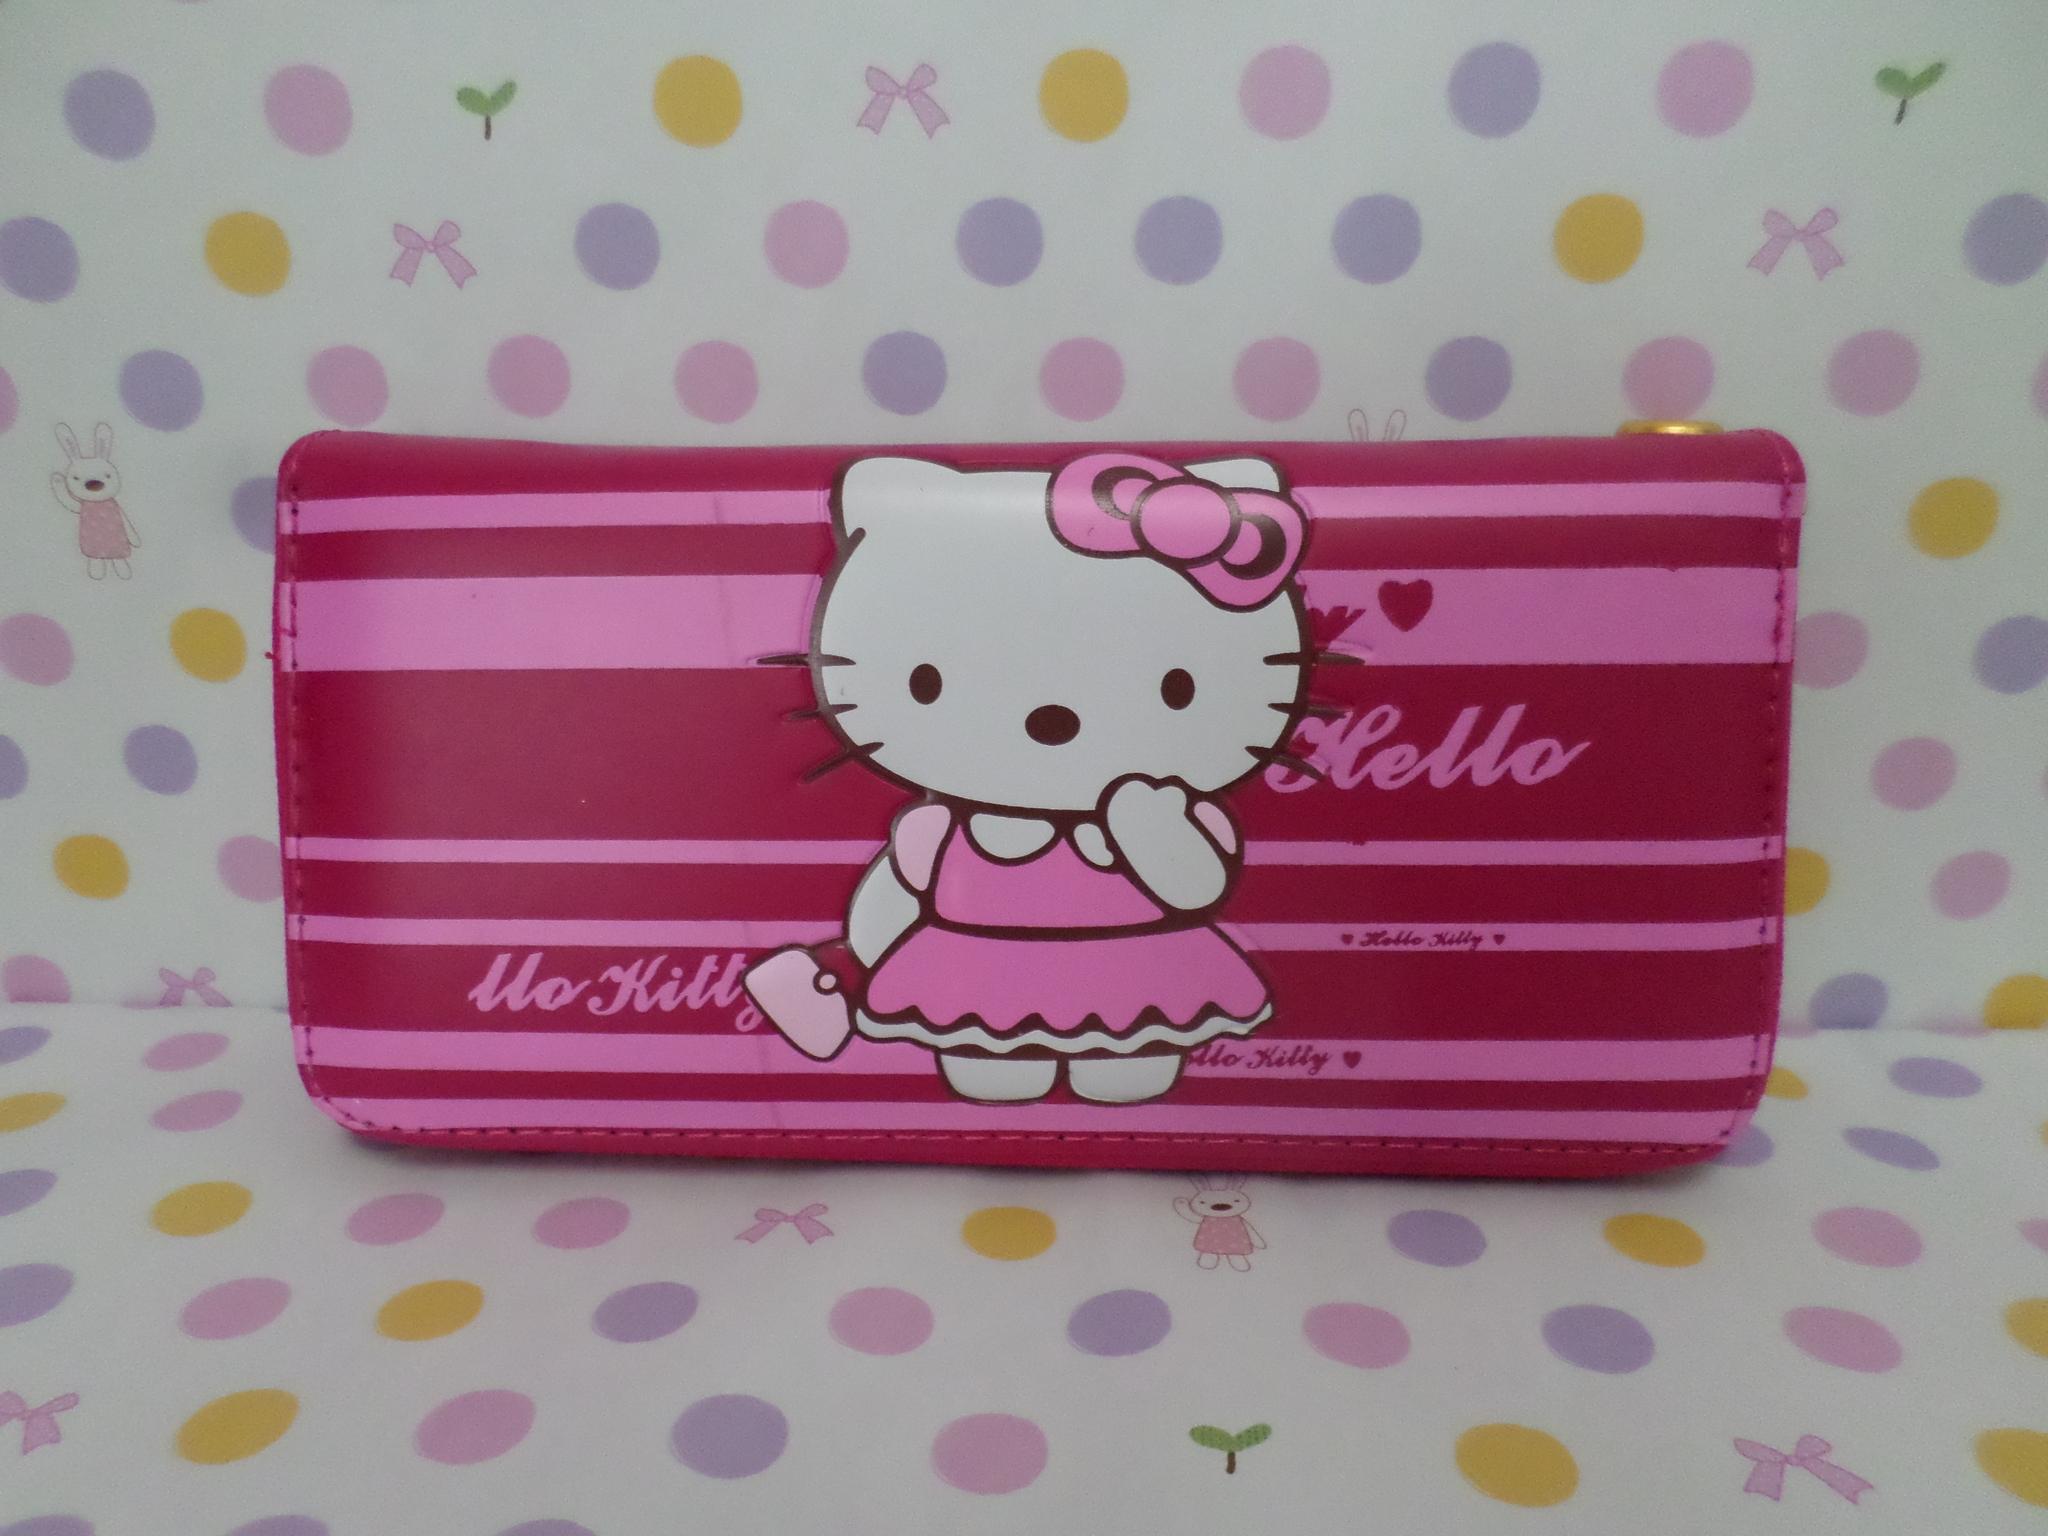 กระเป๋าสตางศ์ทรงยาว ฮัลโหลคิตตี้ Hello Kitty ขนาดยาว 7.5 นิ้ว x สูง 4 นิ้ว ลายคิตตี้ยืนโบว์ชมพู ซิปรอบพร้อมสายคล้องข้อมือ